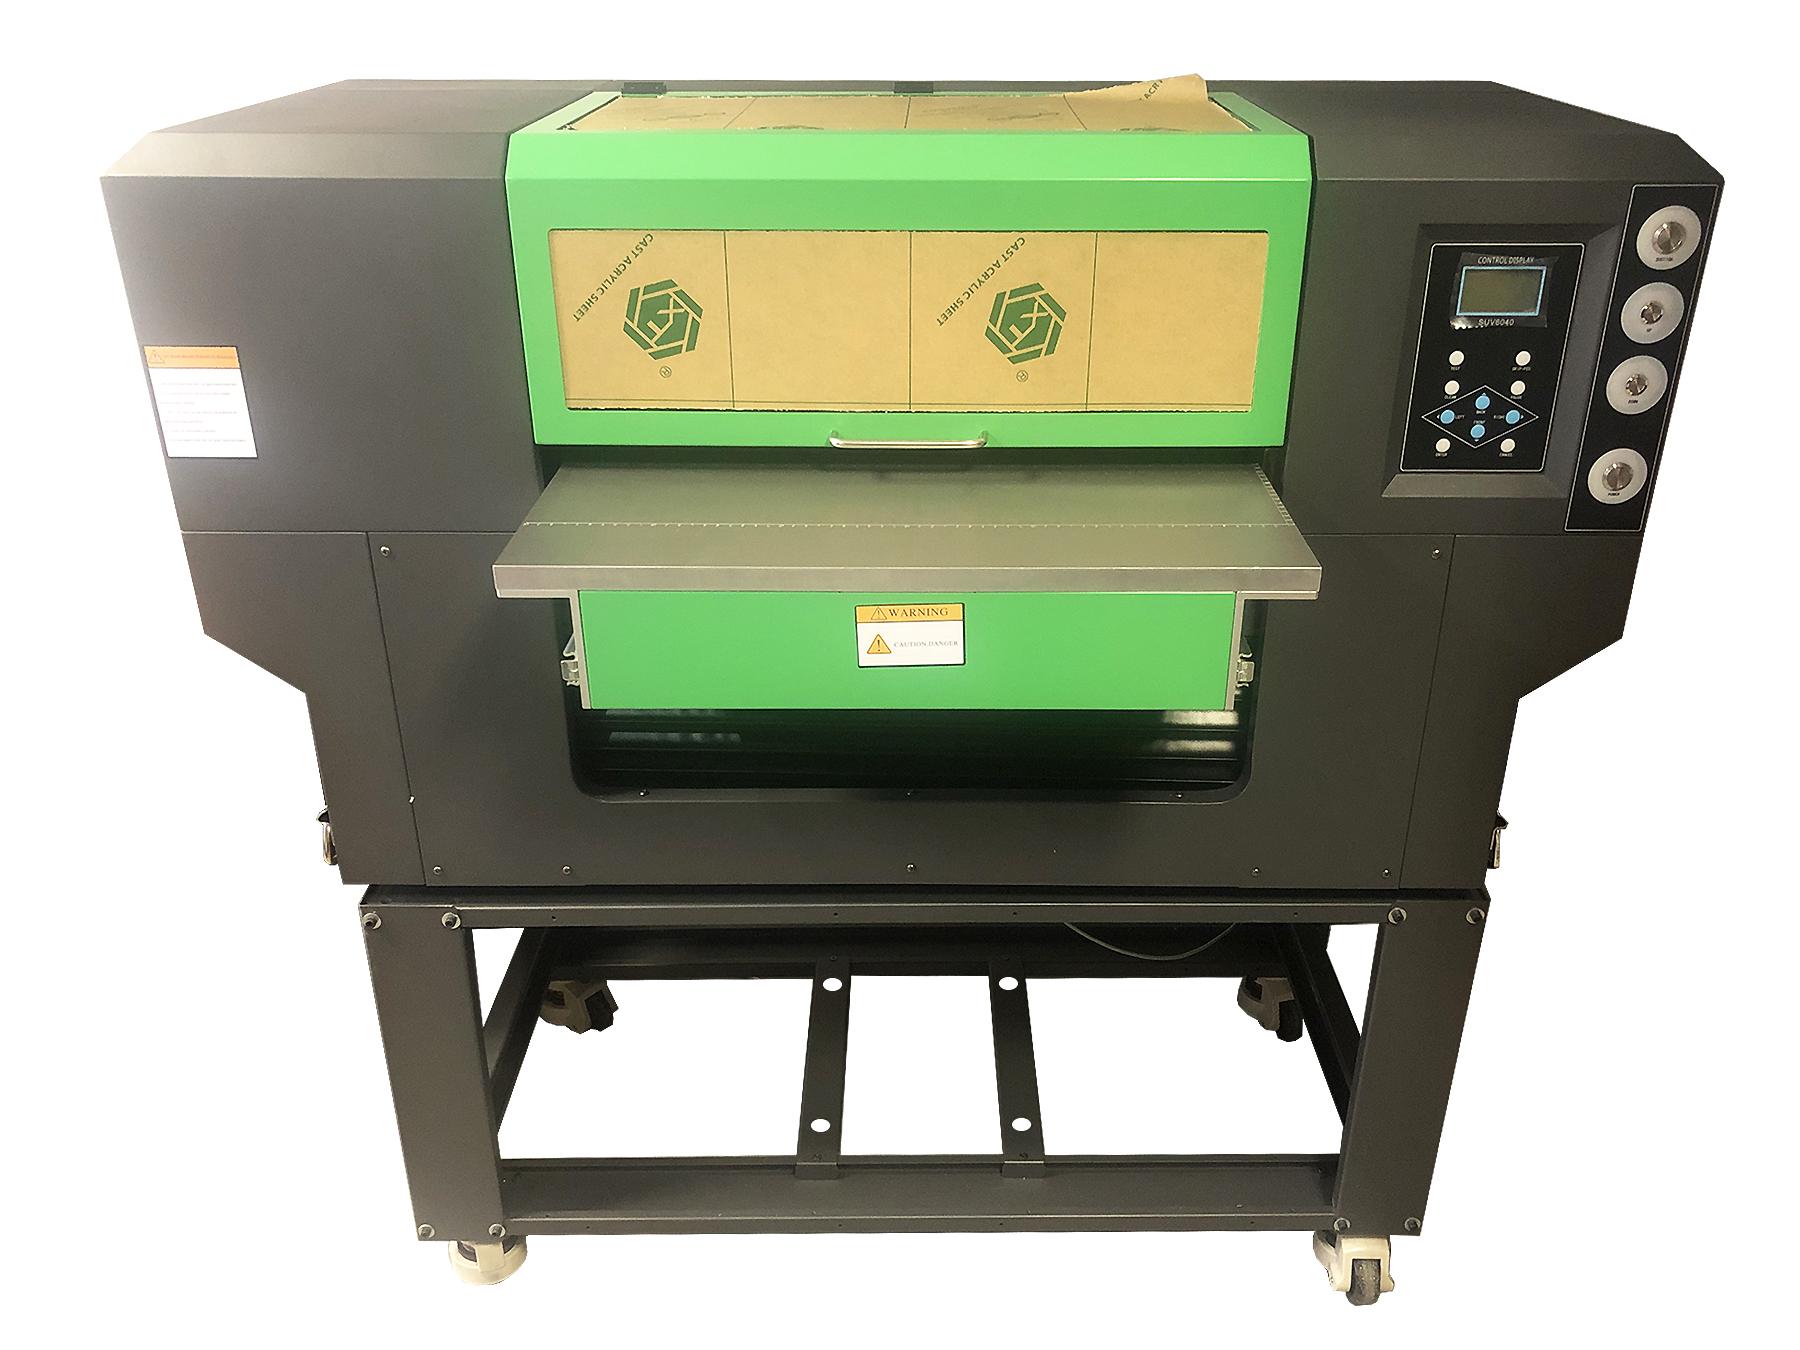 Flachbett UV Drucker von vorne